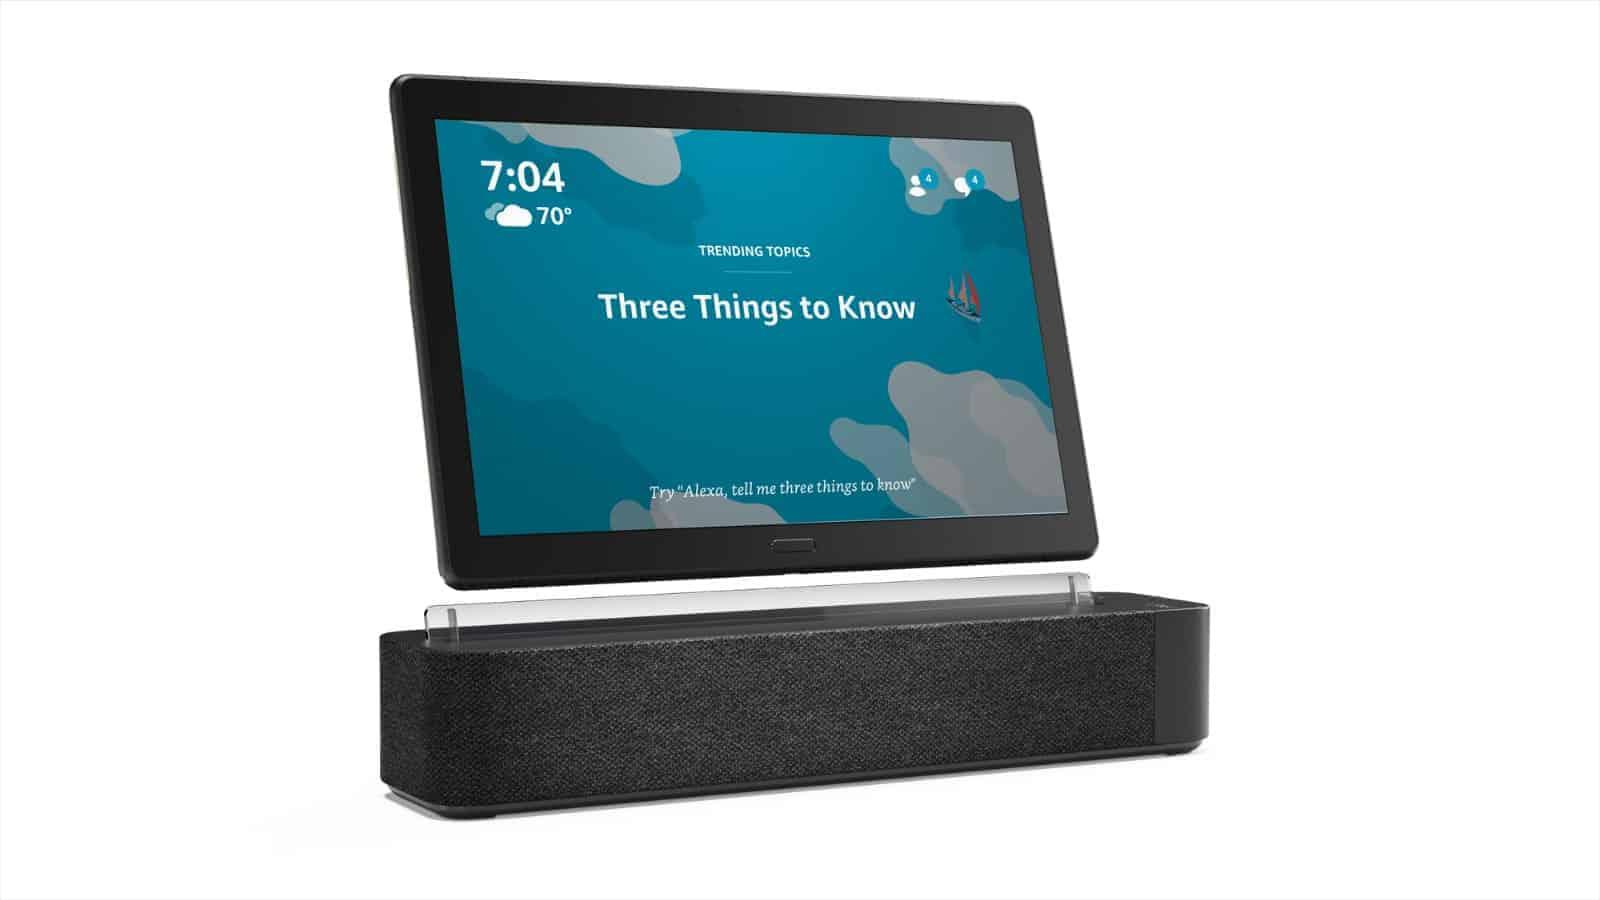 Lenovo Smart Tab P10 image 43